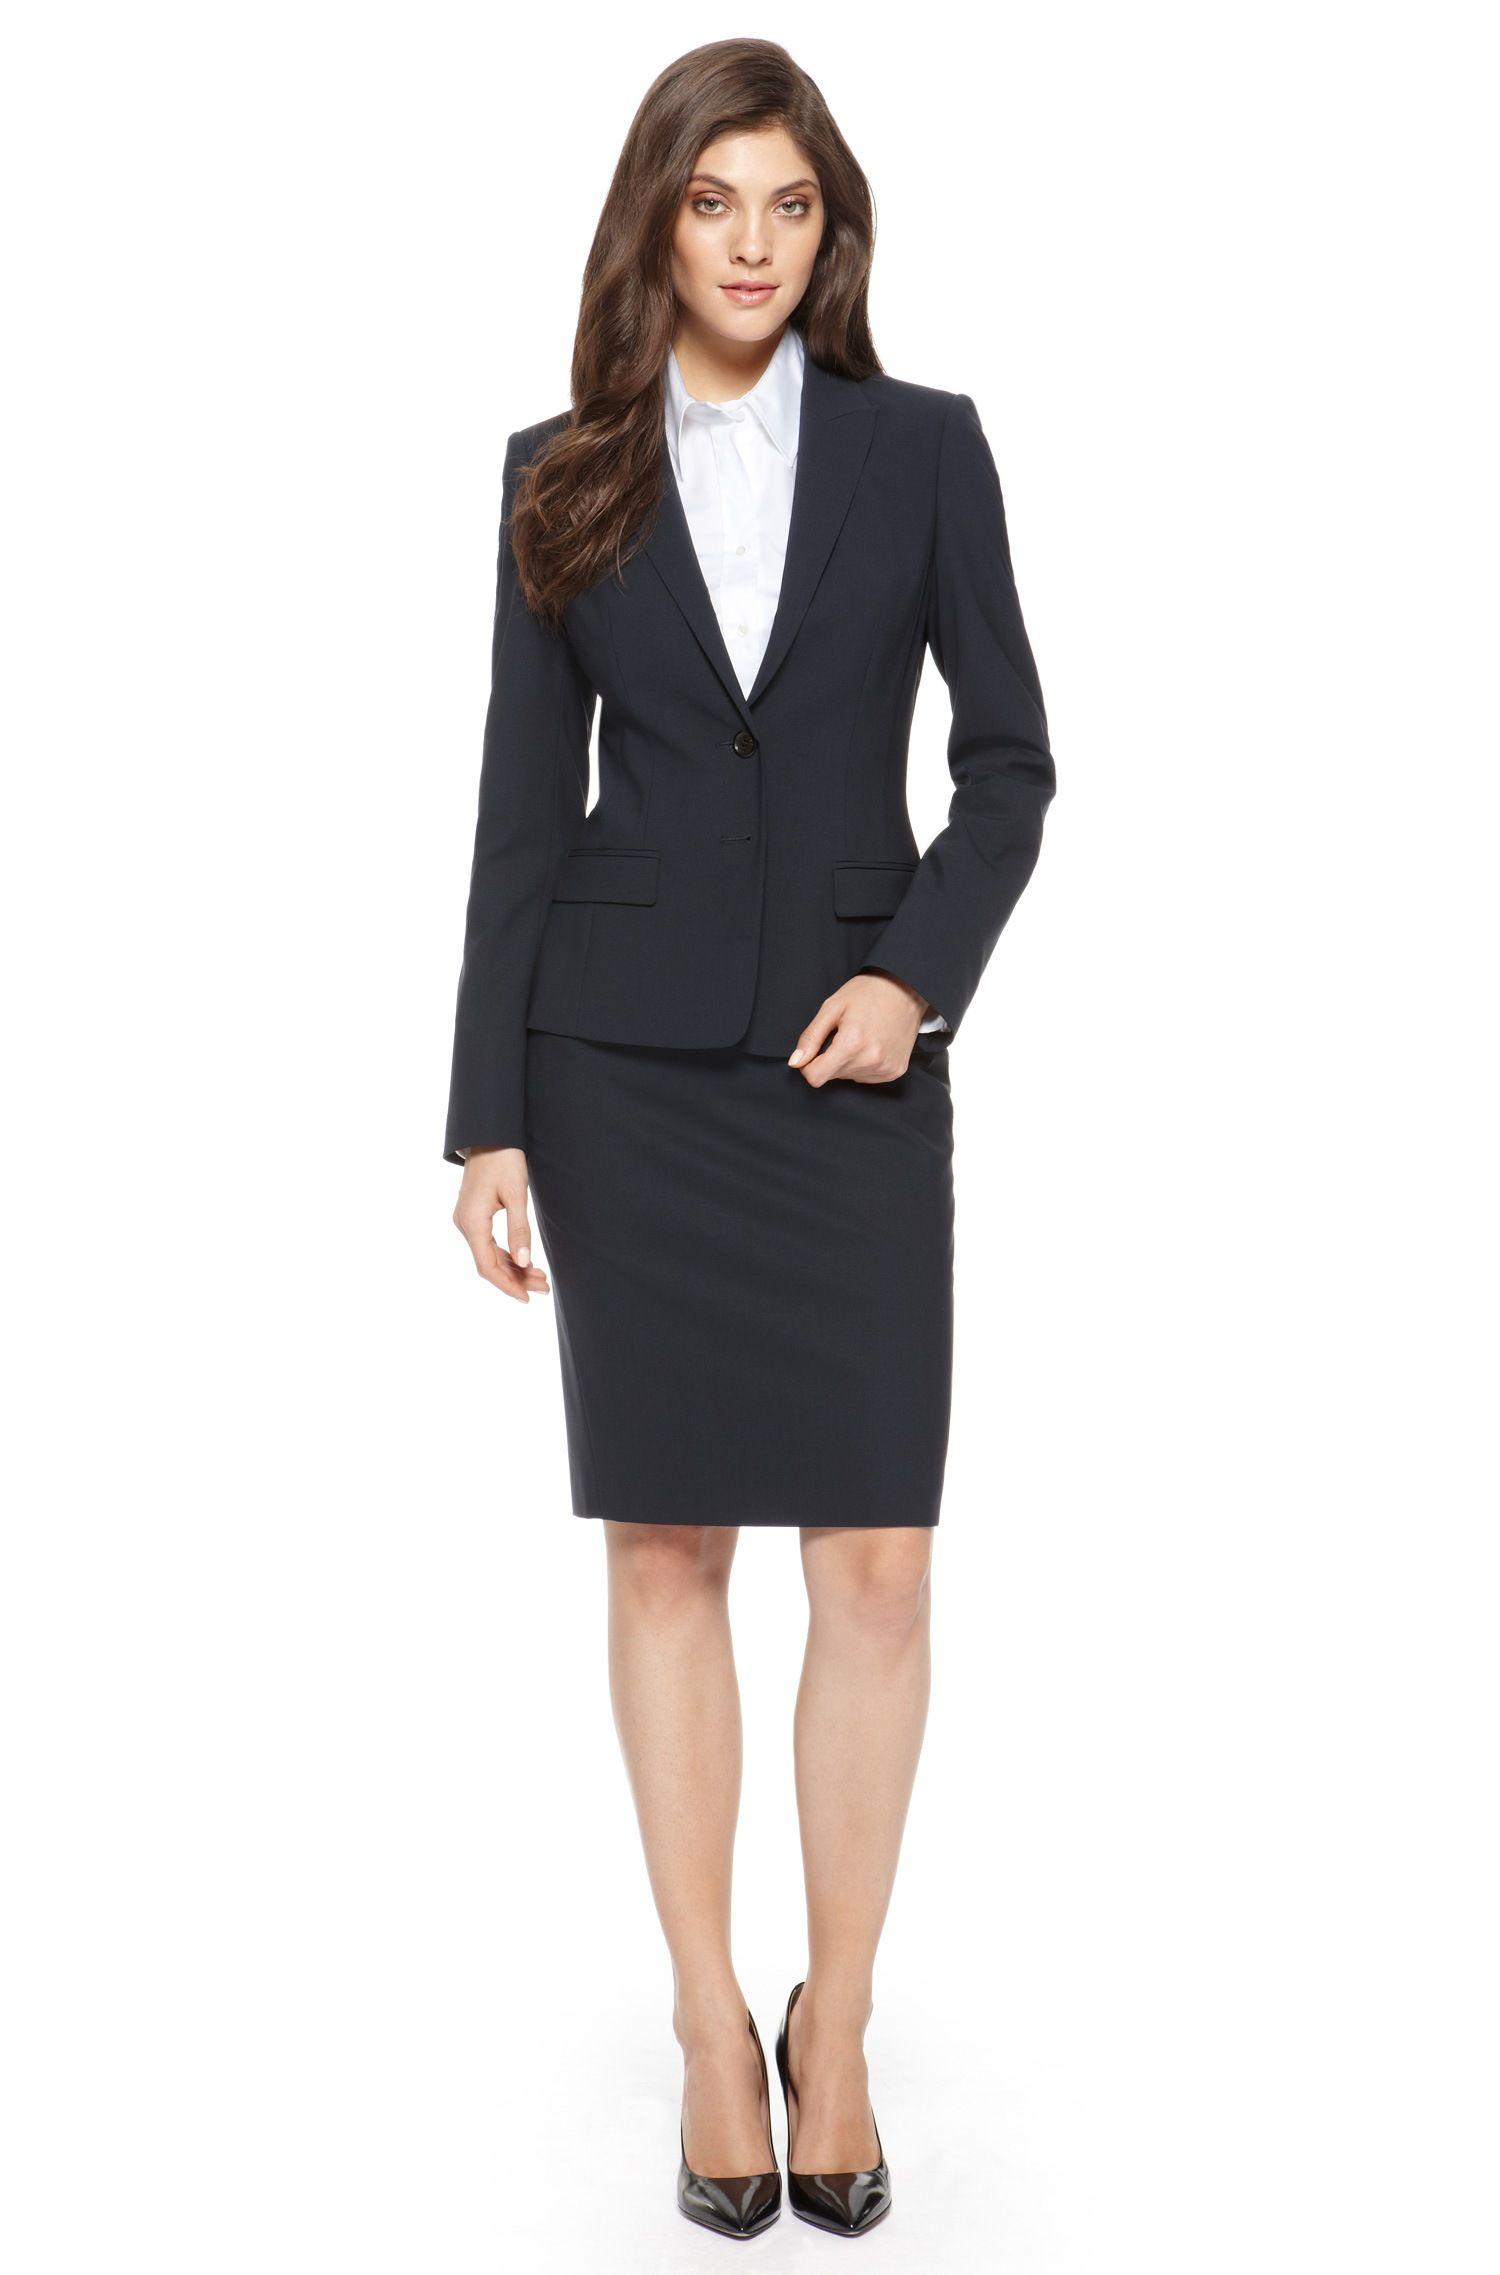 BOSS Stretch-Wool Navy Skirt Suit | Workwear | Pinterest | Skirt ...